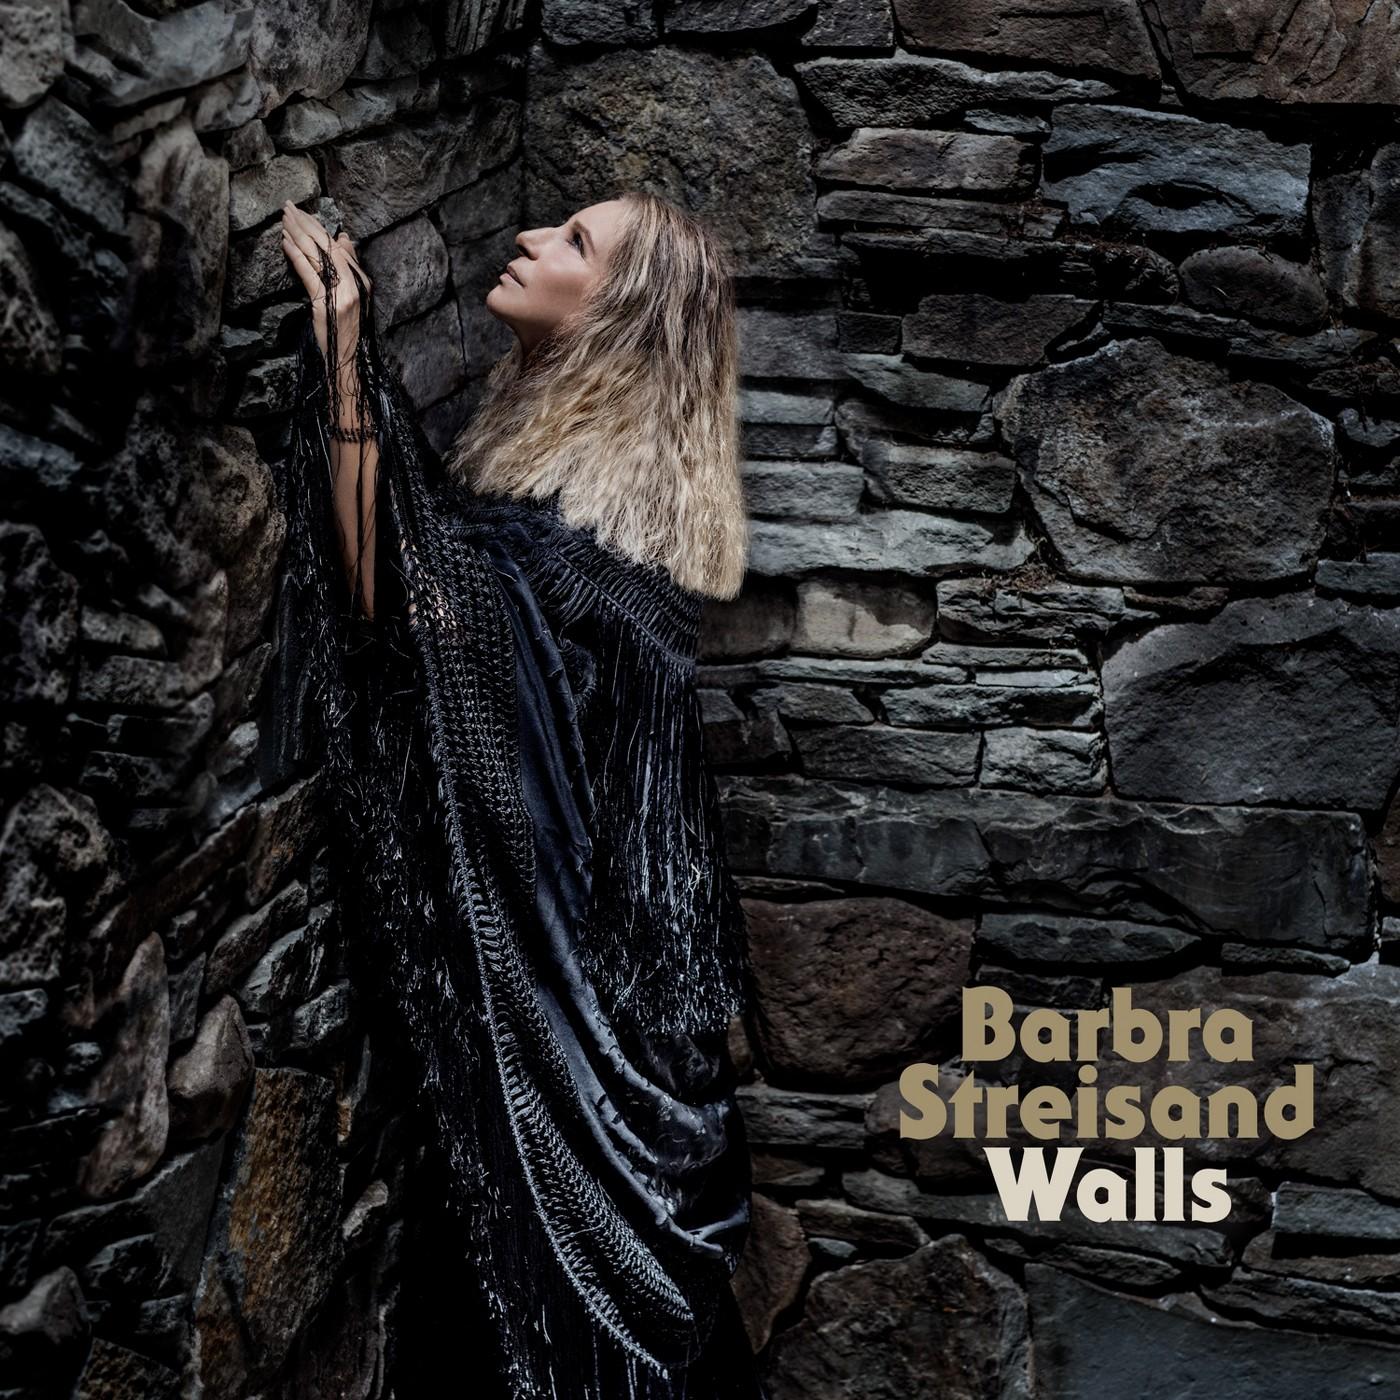 """Barbra Streisand, """"What the World Needs""""/ """"Better Angels"""" (Vocals)"""